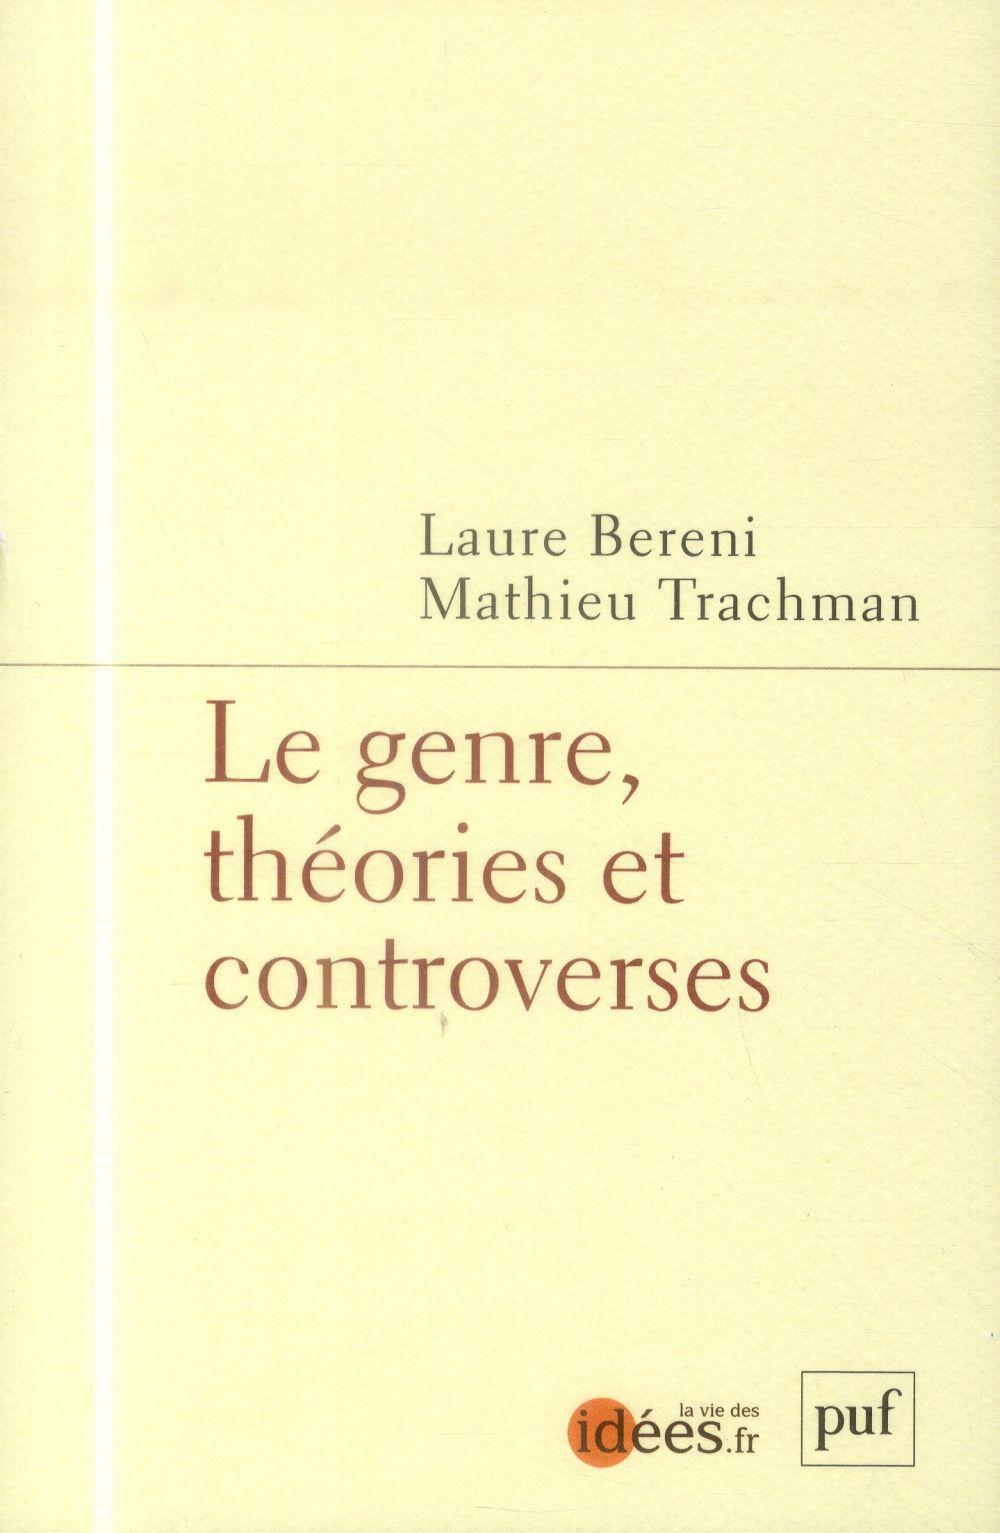 le genre ; théories et controverses